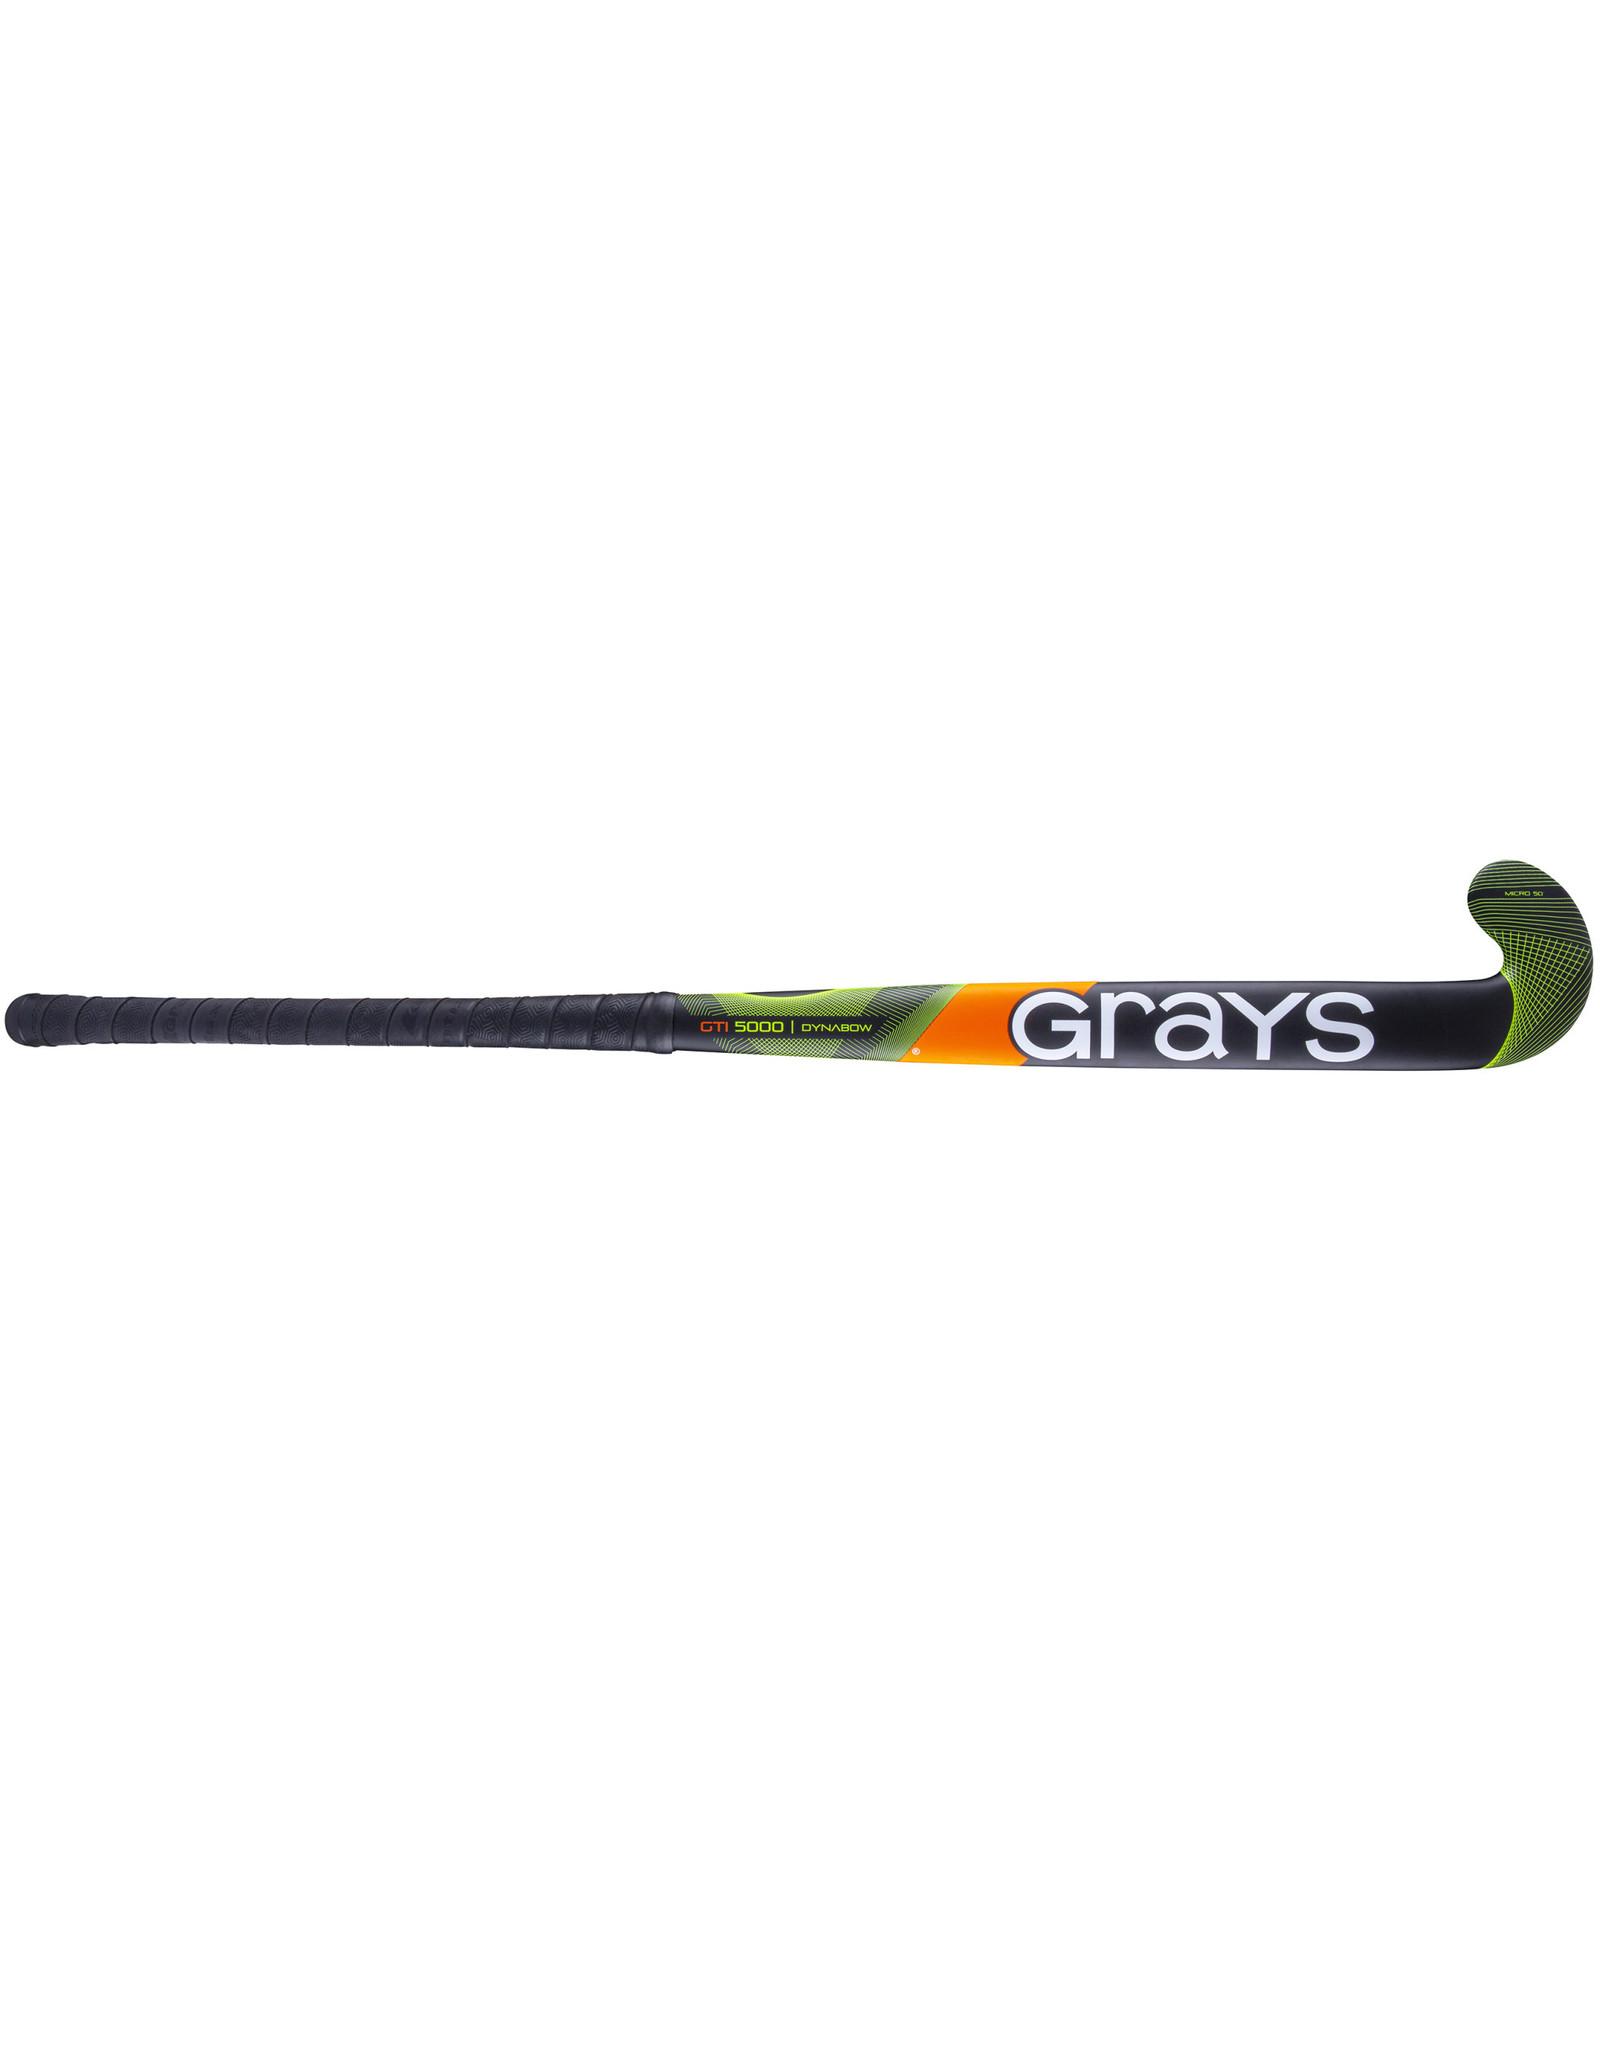 Grays STK GTI5000 DB